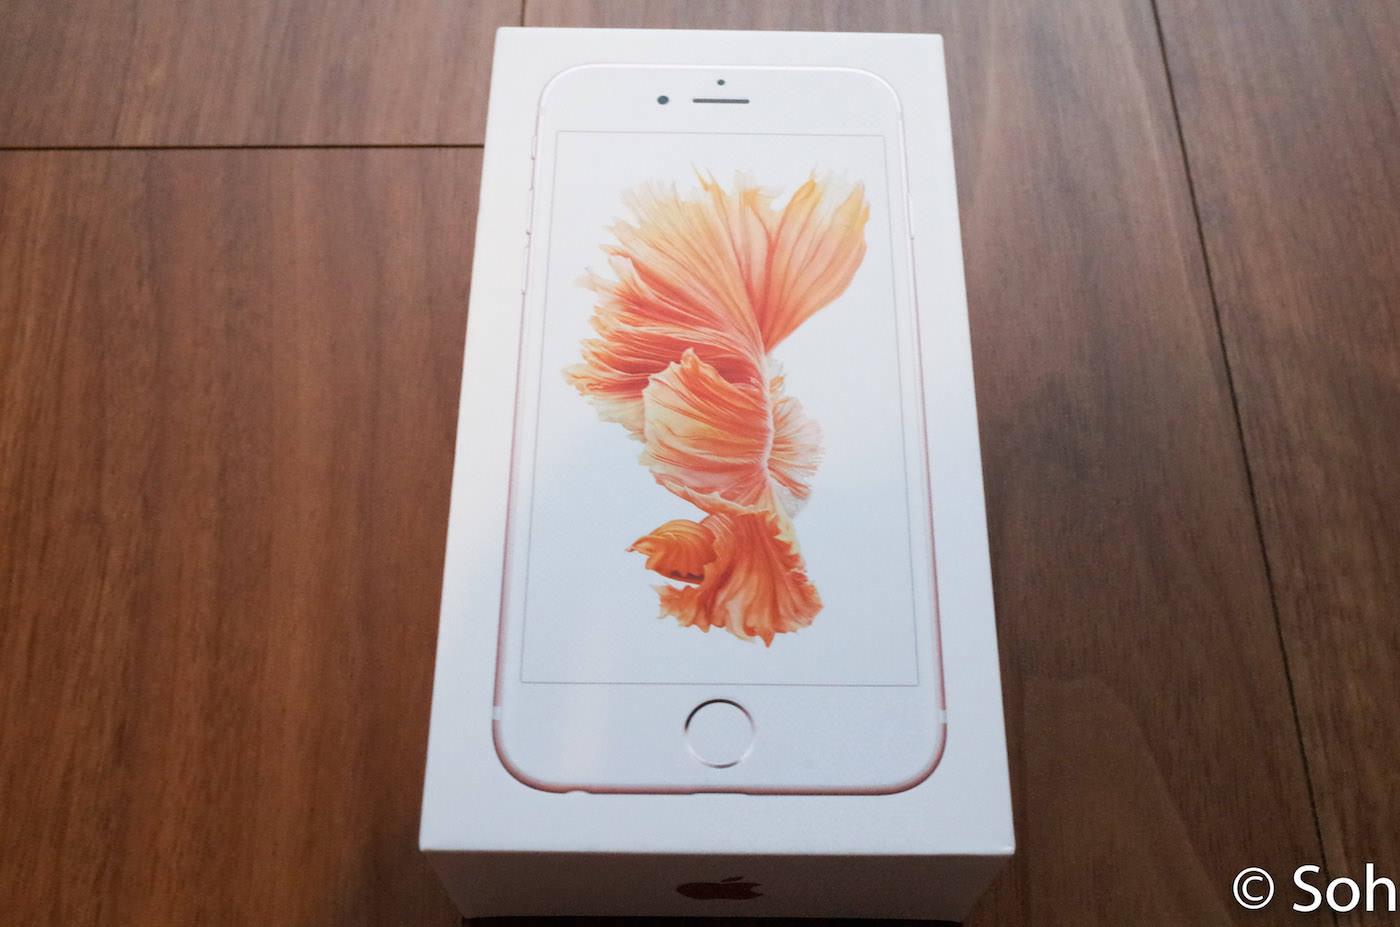 キター! iPhone 6s ローズゴールドを開封してみました